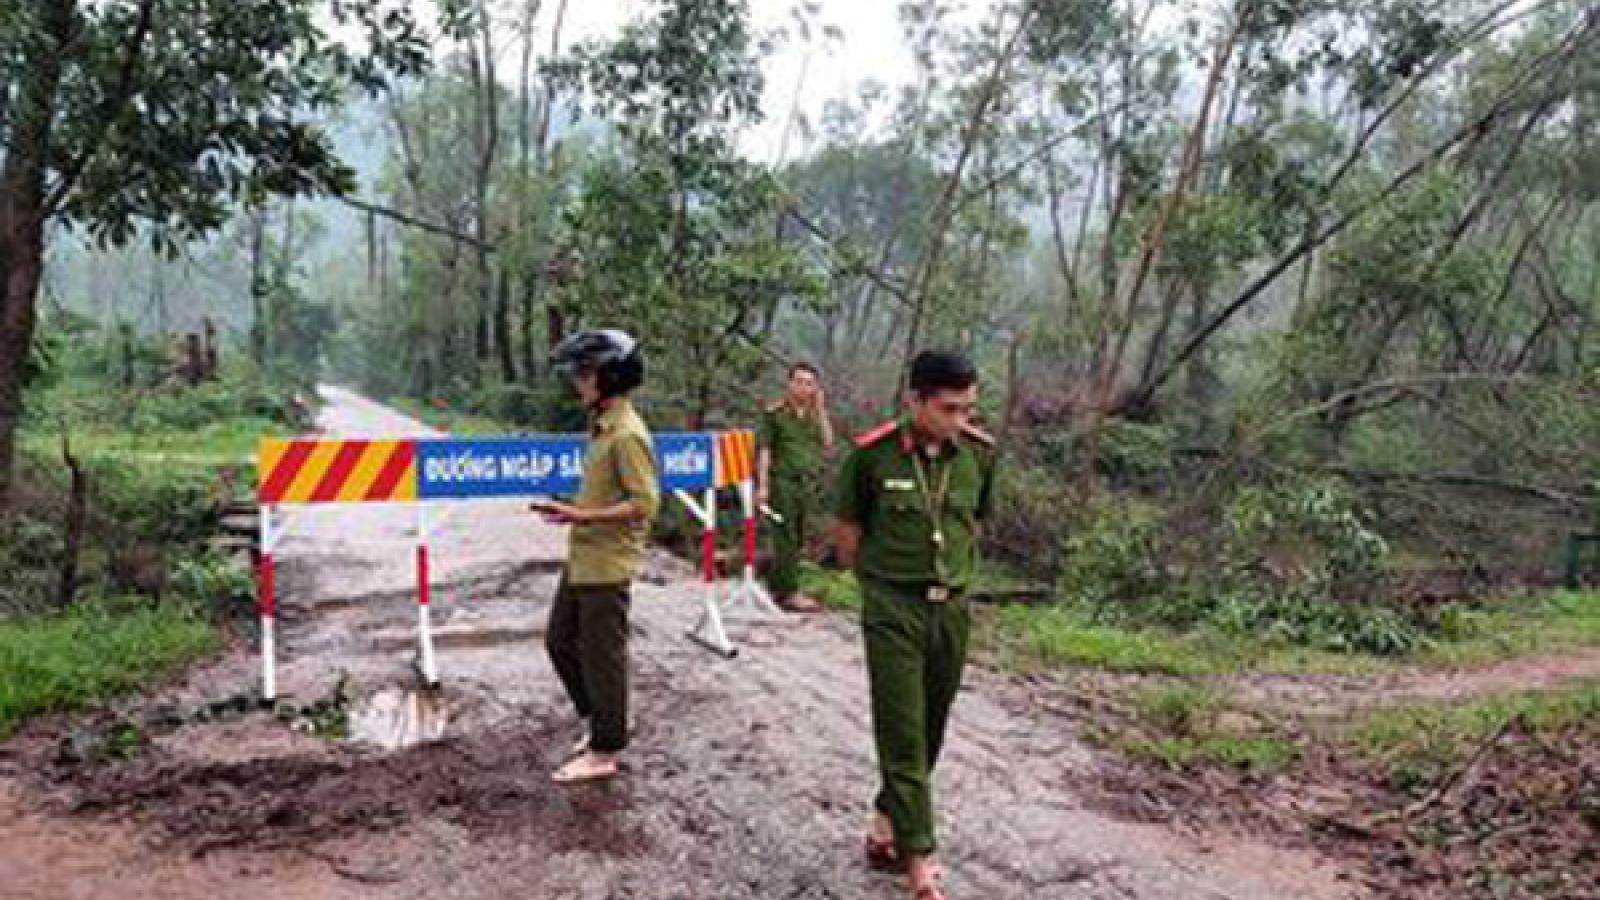 Thủy điện Rào Trăng 3 sạt lở: Vẫn chưa liên lạc được với 13 người trong đoàn cứu hộ